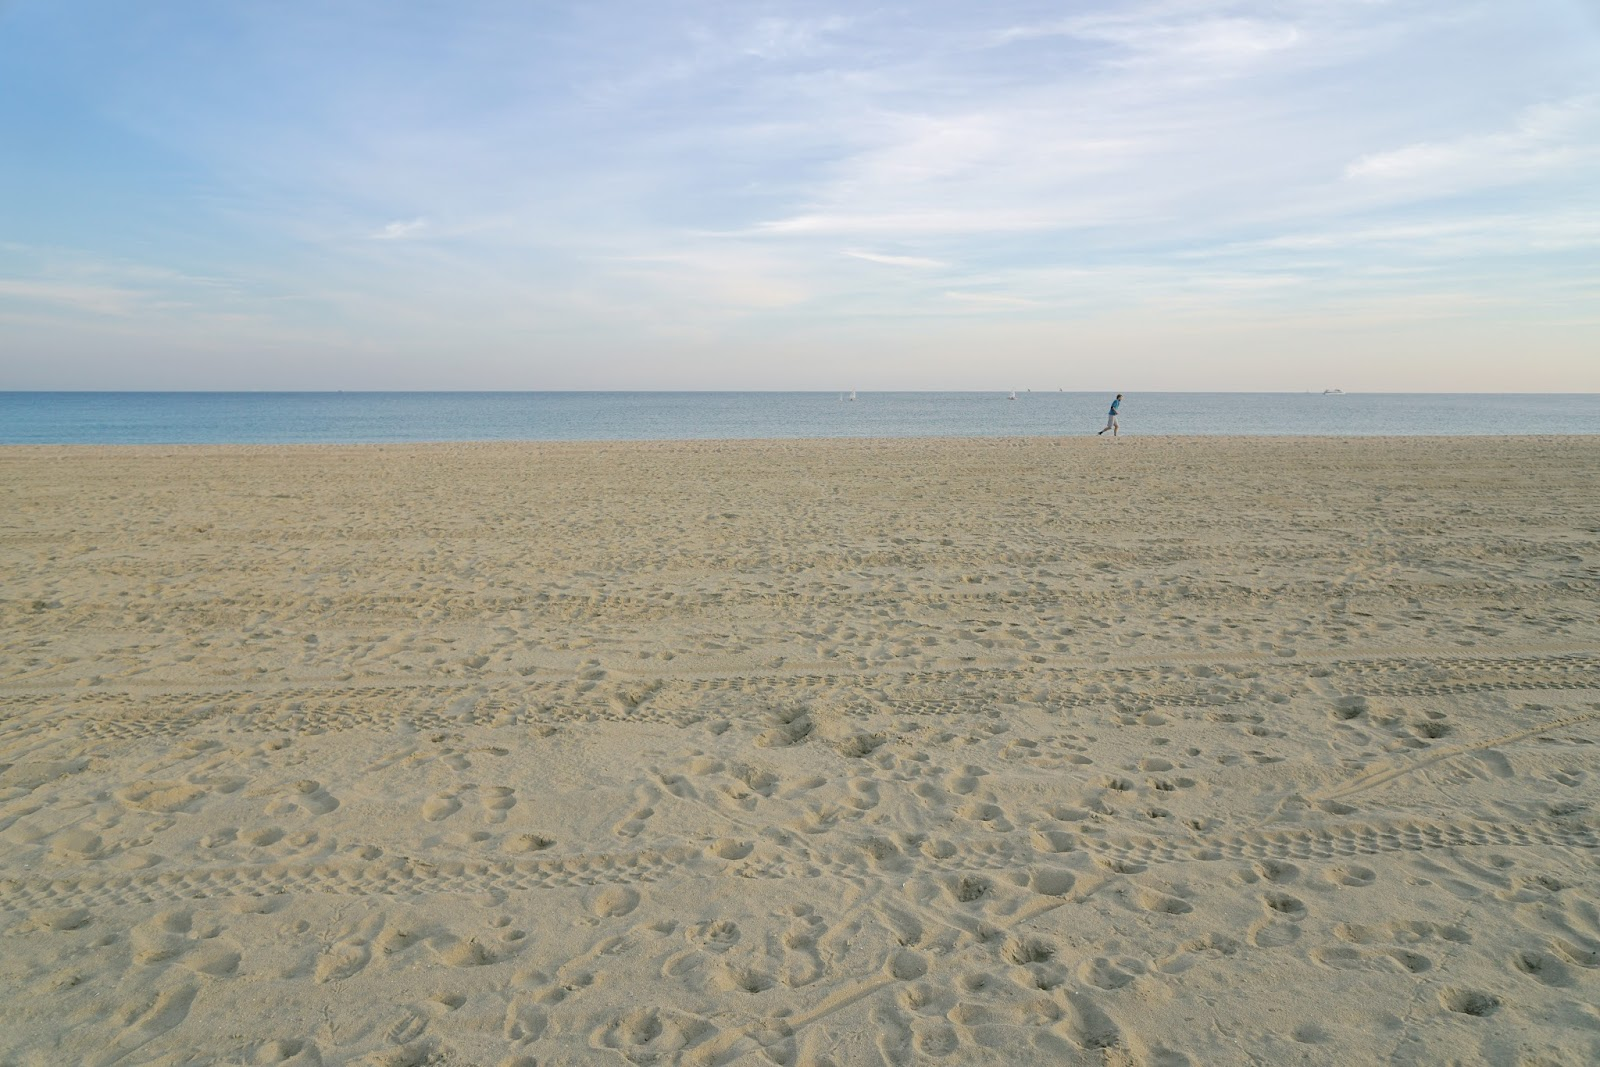 お店の前のバルセロナの砂浜と海